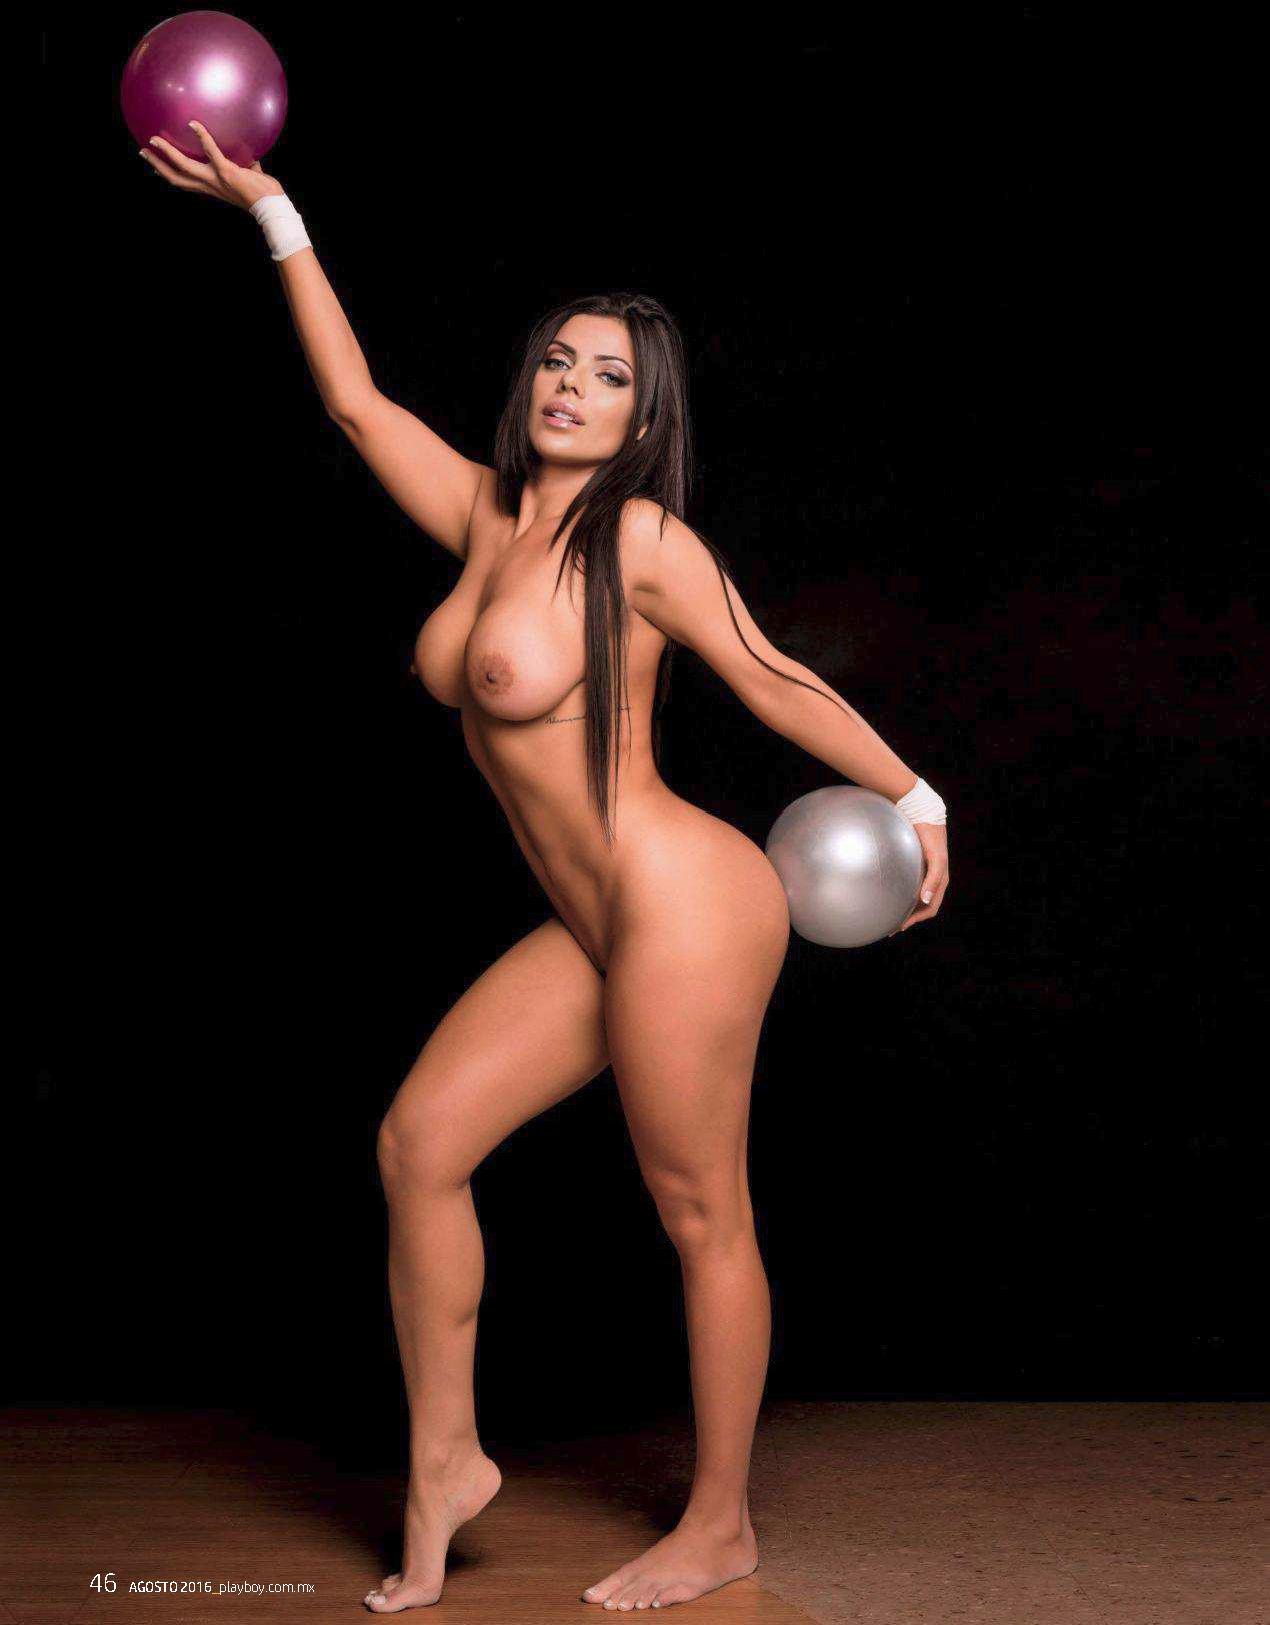 Fotos Playboy Suzy Cortez Agosto (12)